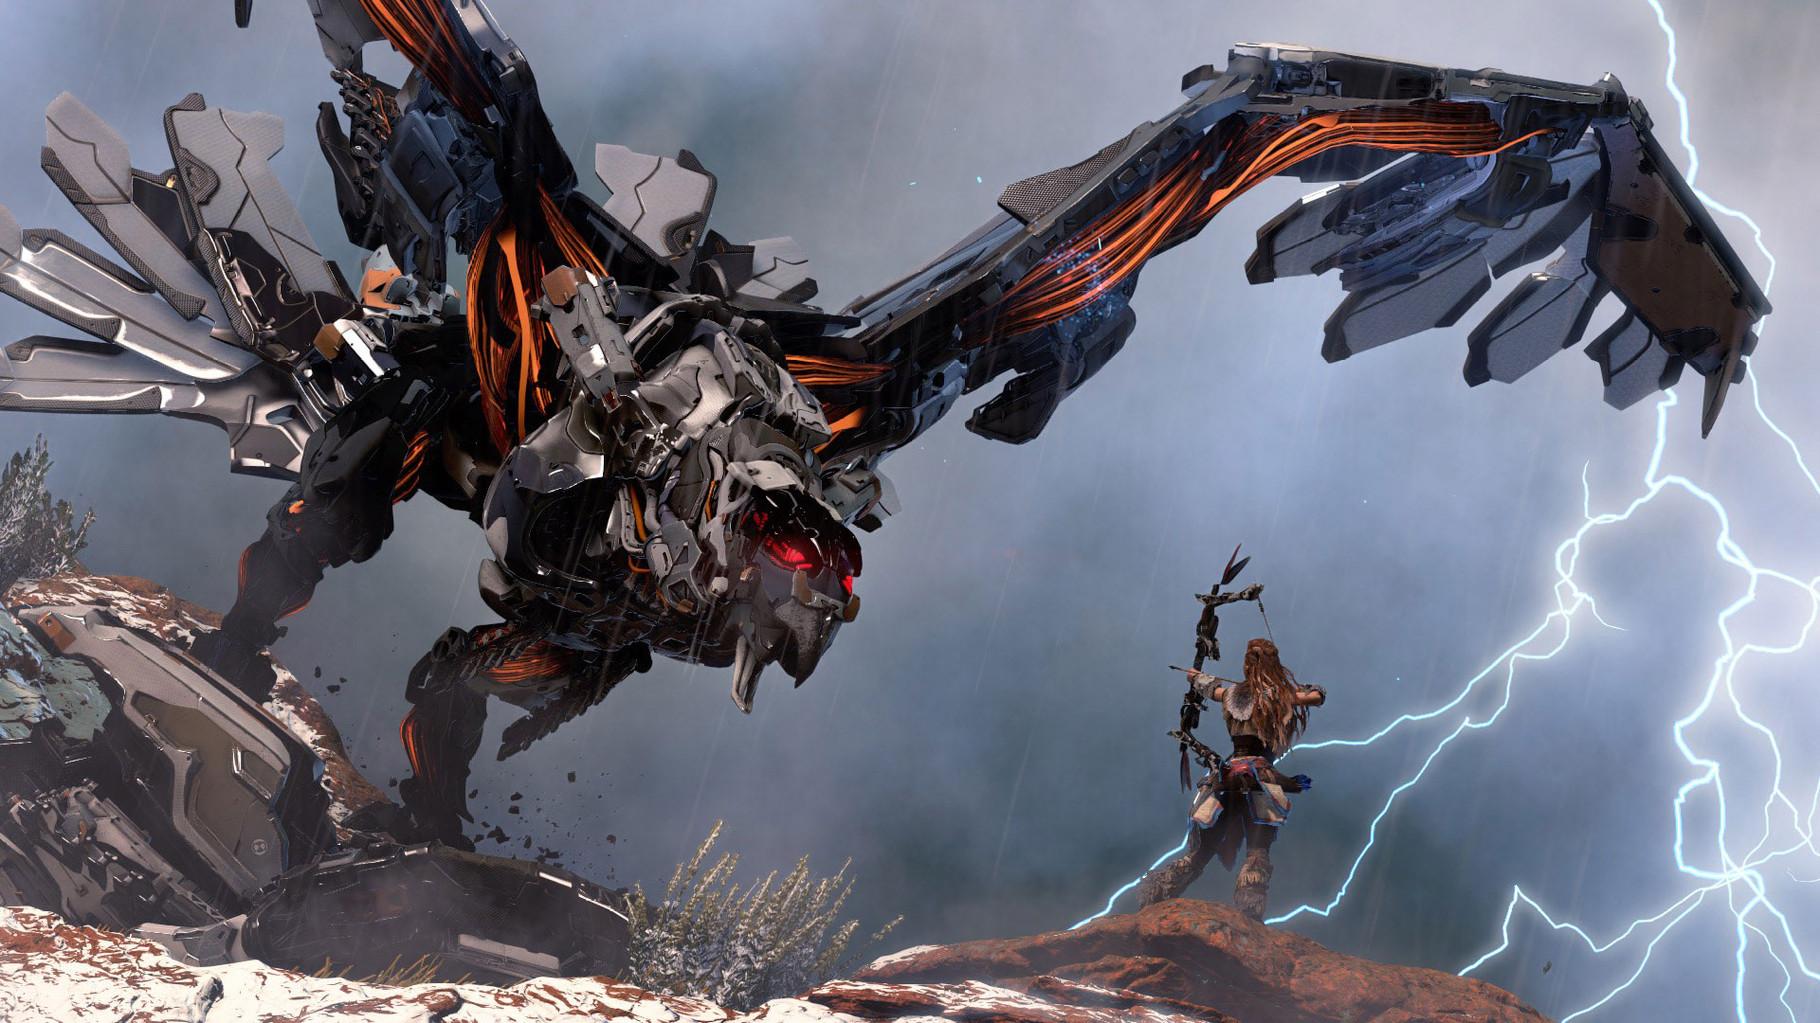 Horizon– Zero Dawn: Zu den großen Überraschungen zählte ein PS4-exklusives Action-Adventure, in dem eine junge Steinzeit-Jägerin gegen stählerne Bestien wie Roboter-Dinos,-Raubkatzen und riesenhafte Blech-Piepmätze kämpft.